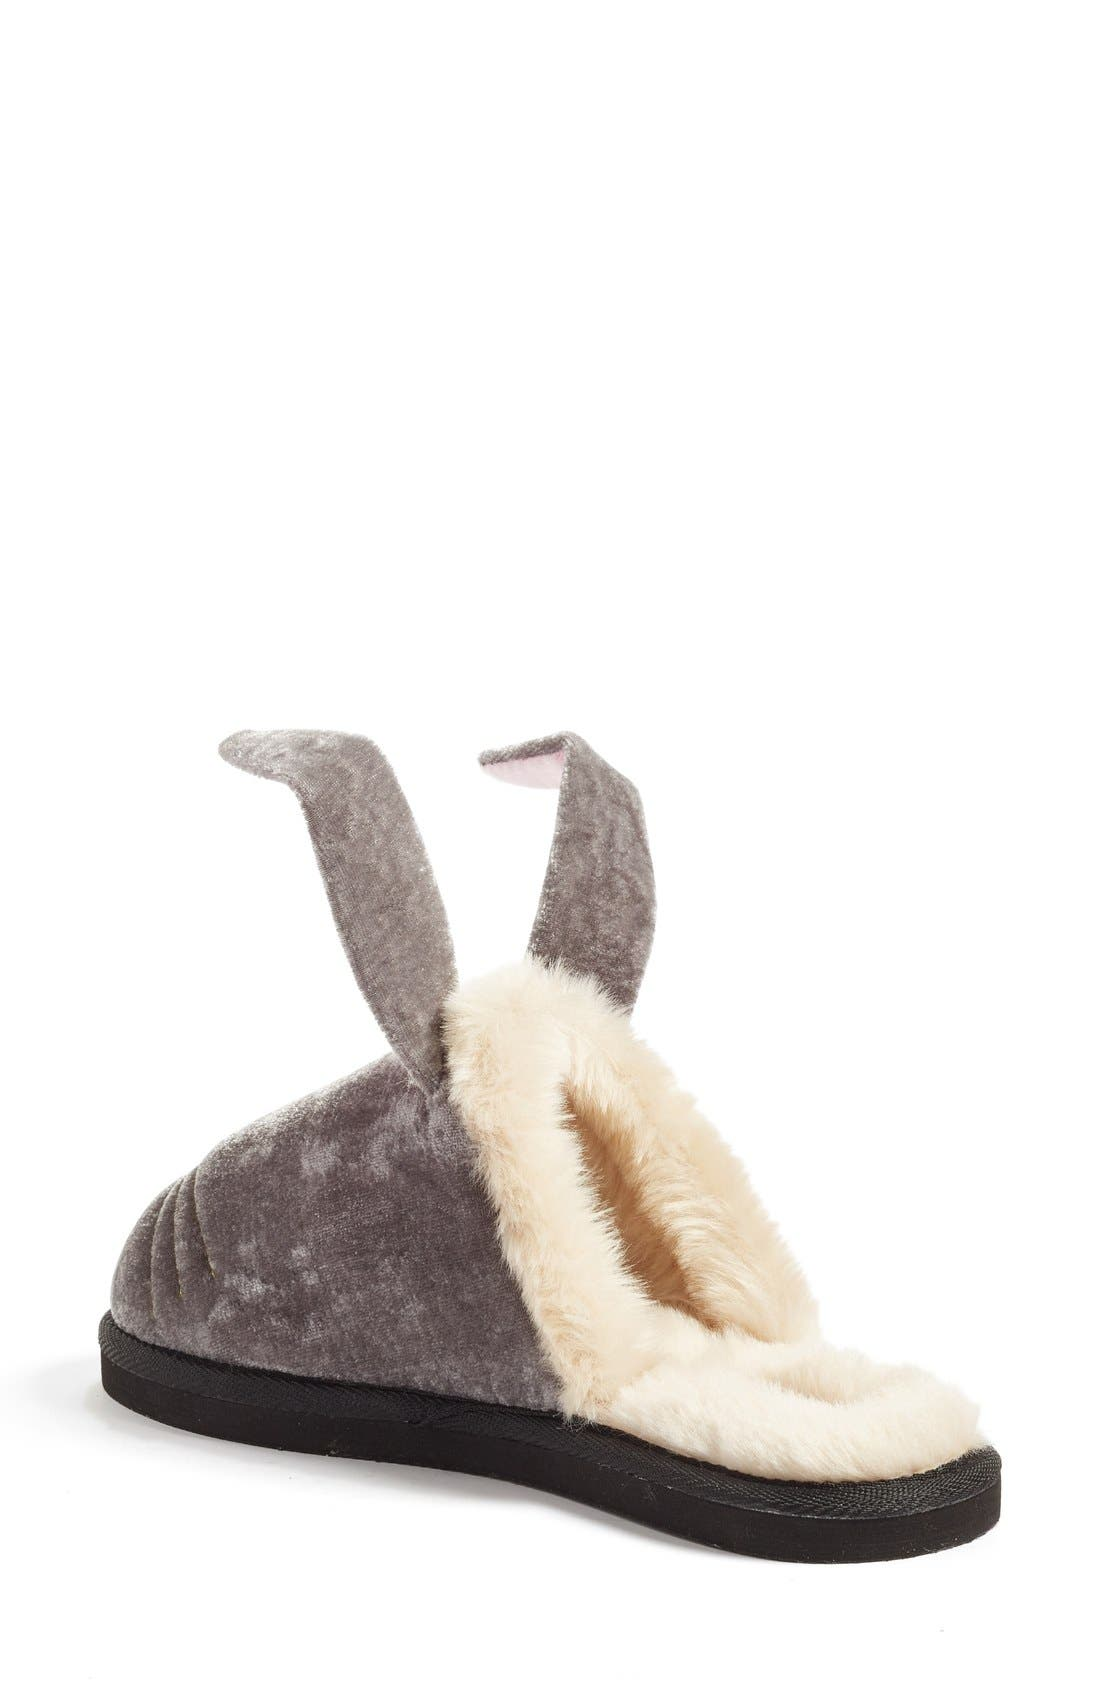 Alternate Image 2  - kate spade new york 'bonnie - bunny' velvet slipper (Women)